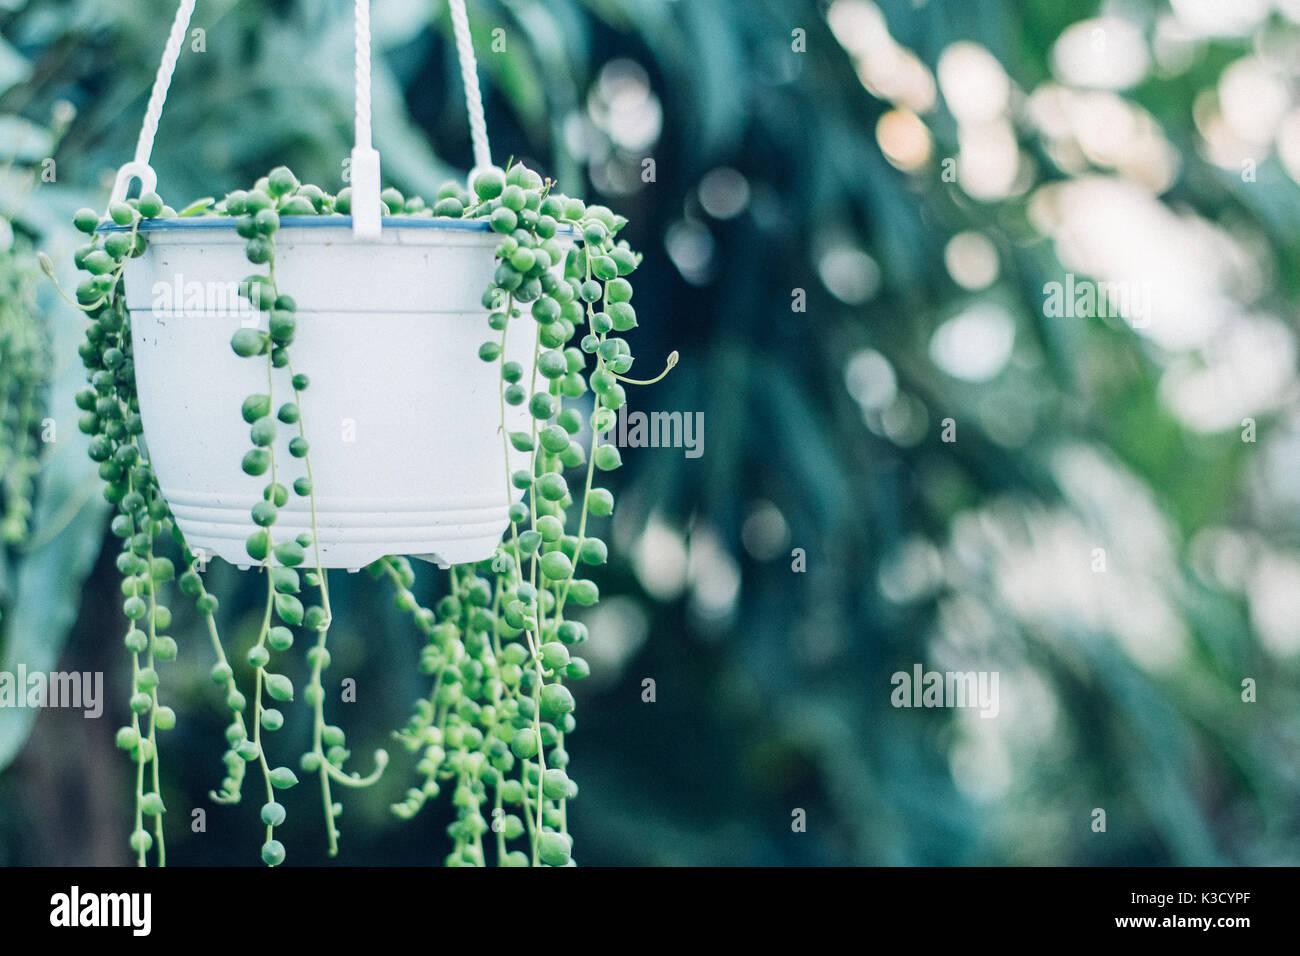 Perlenkette sukkulente Pflanze hängen in einem Gewächshaus, Symbol für Ruhe und Gelassenheit Stockbild